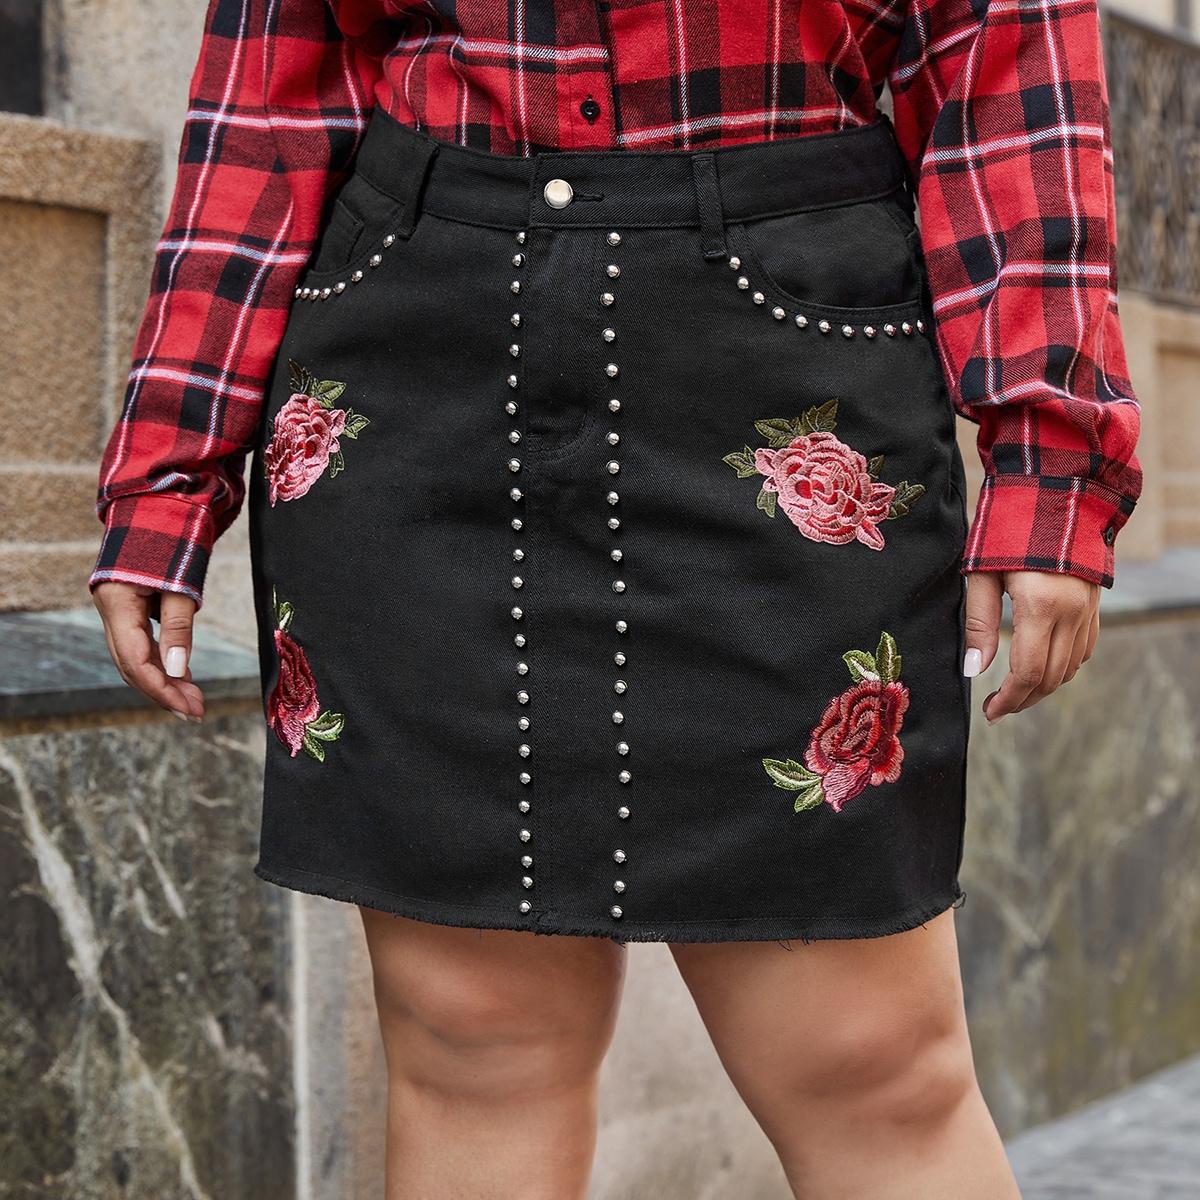 с бисером Со цветочками Повседневный Джинсовые юбки размер плюс